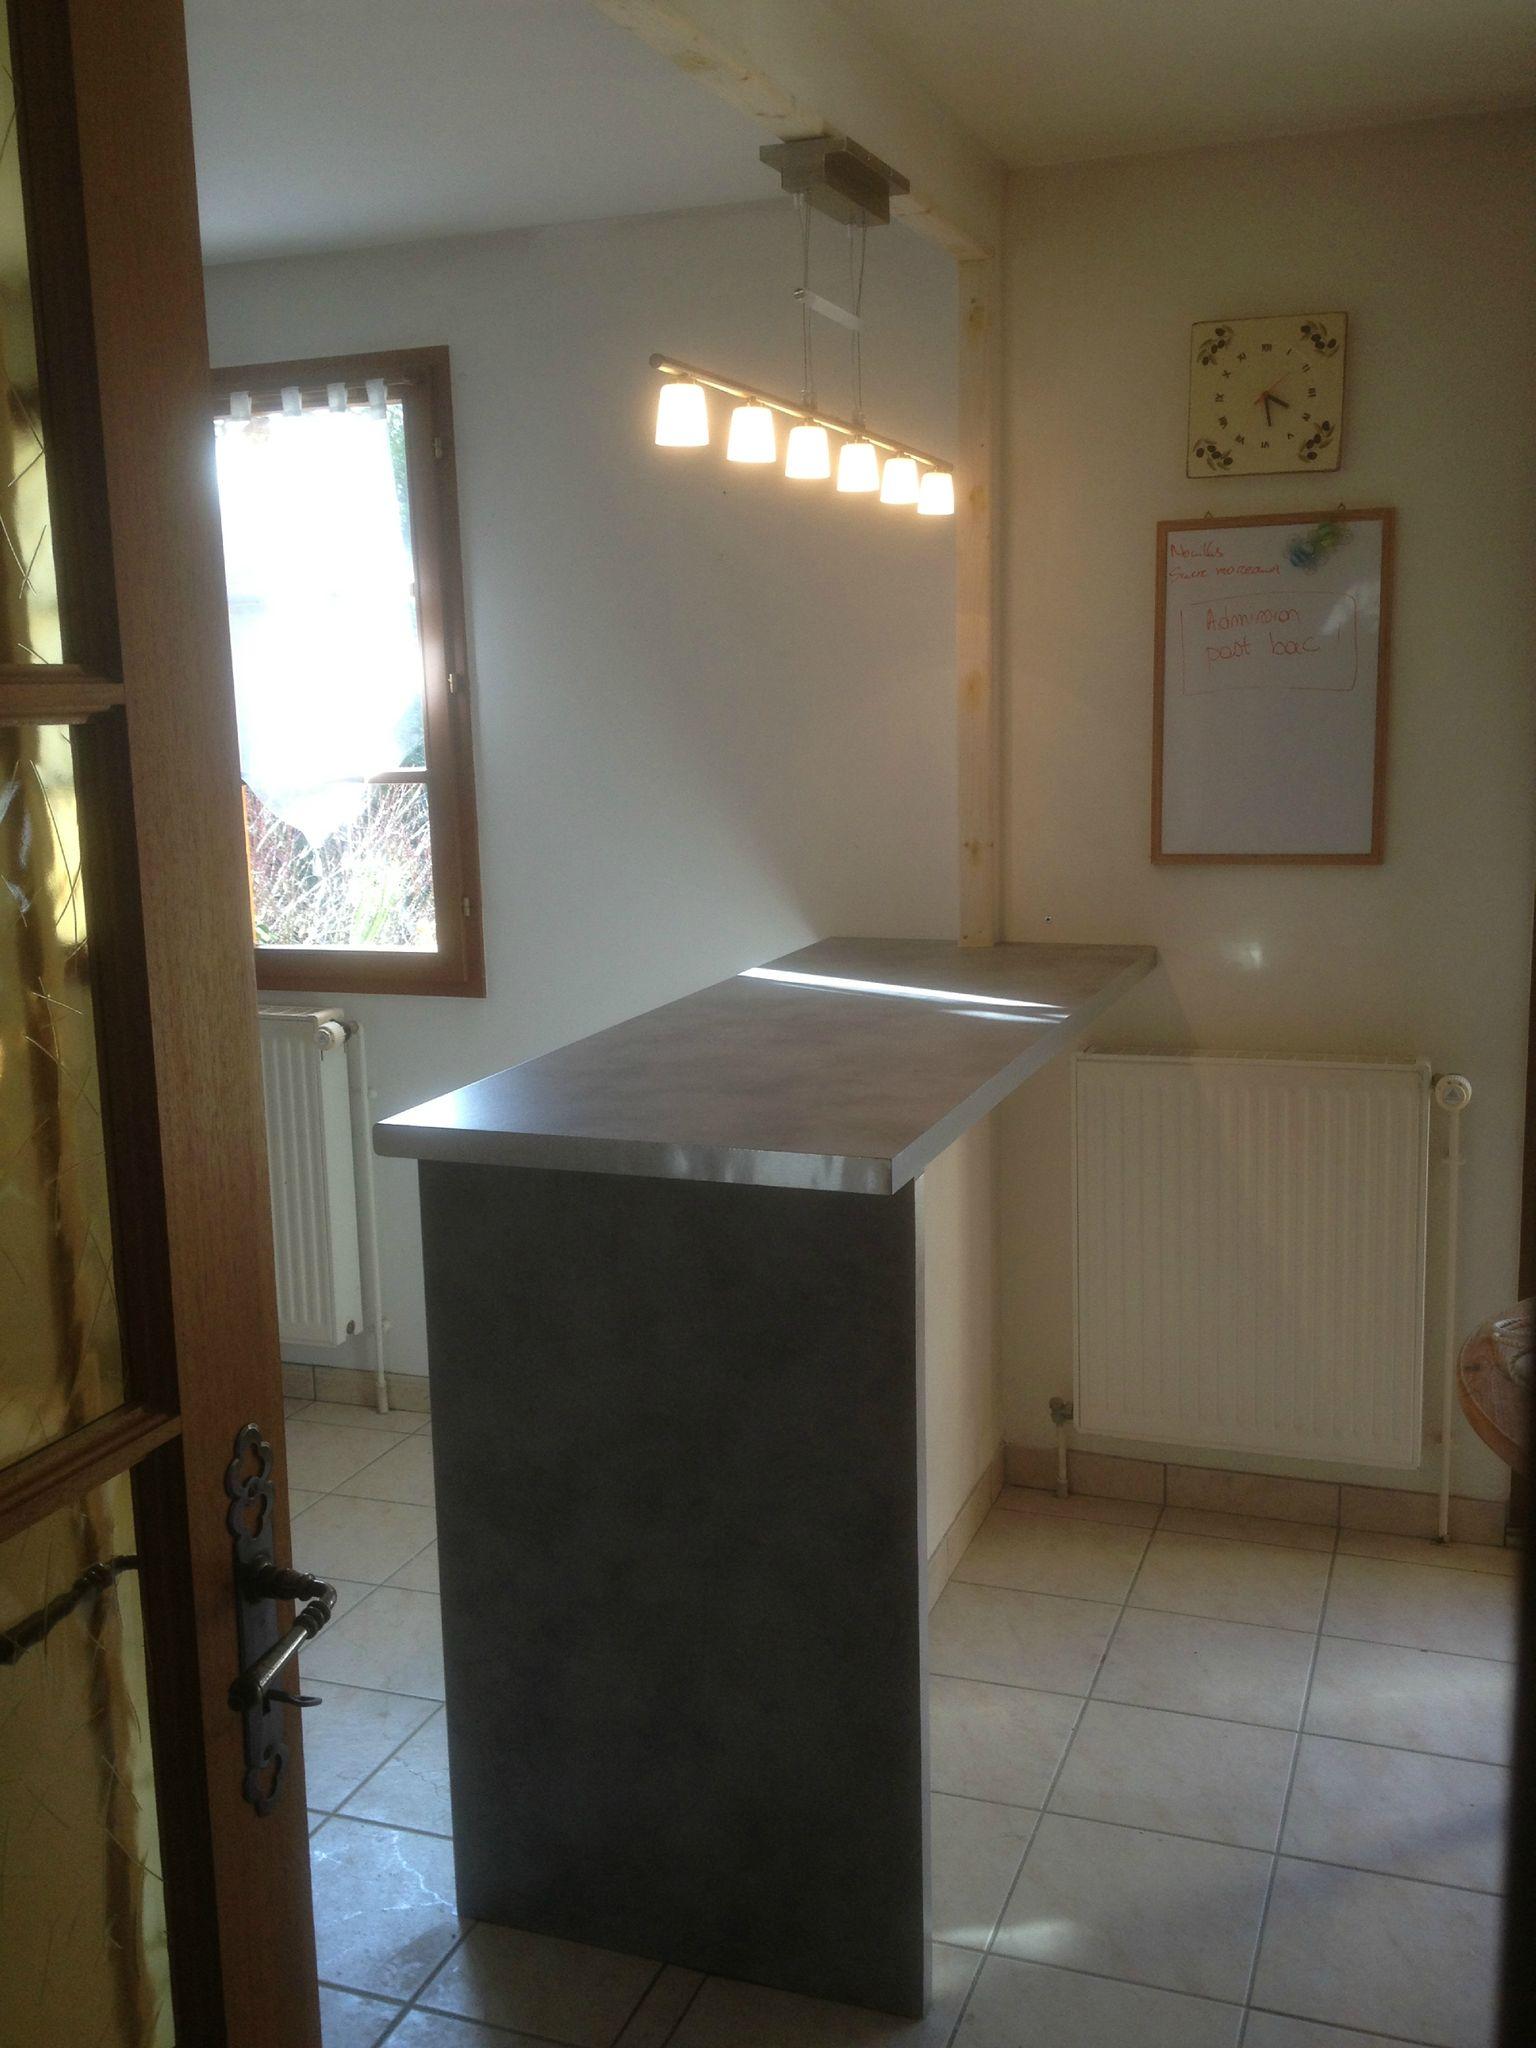 AVANT TRAVAUX Ouverture mur saloncuisine  Photo de z Divers  Socit ADM  Travaux de rnovation